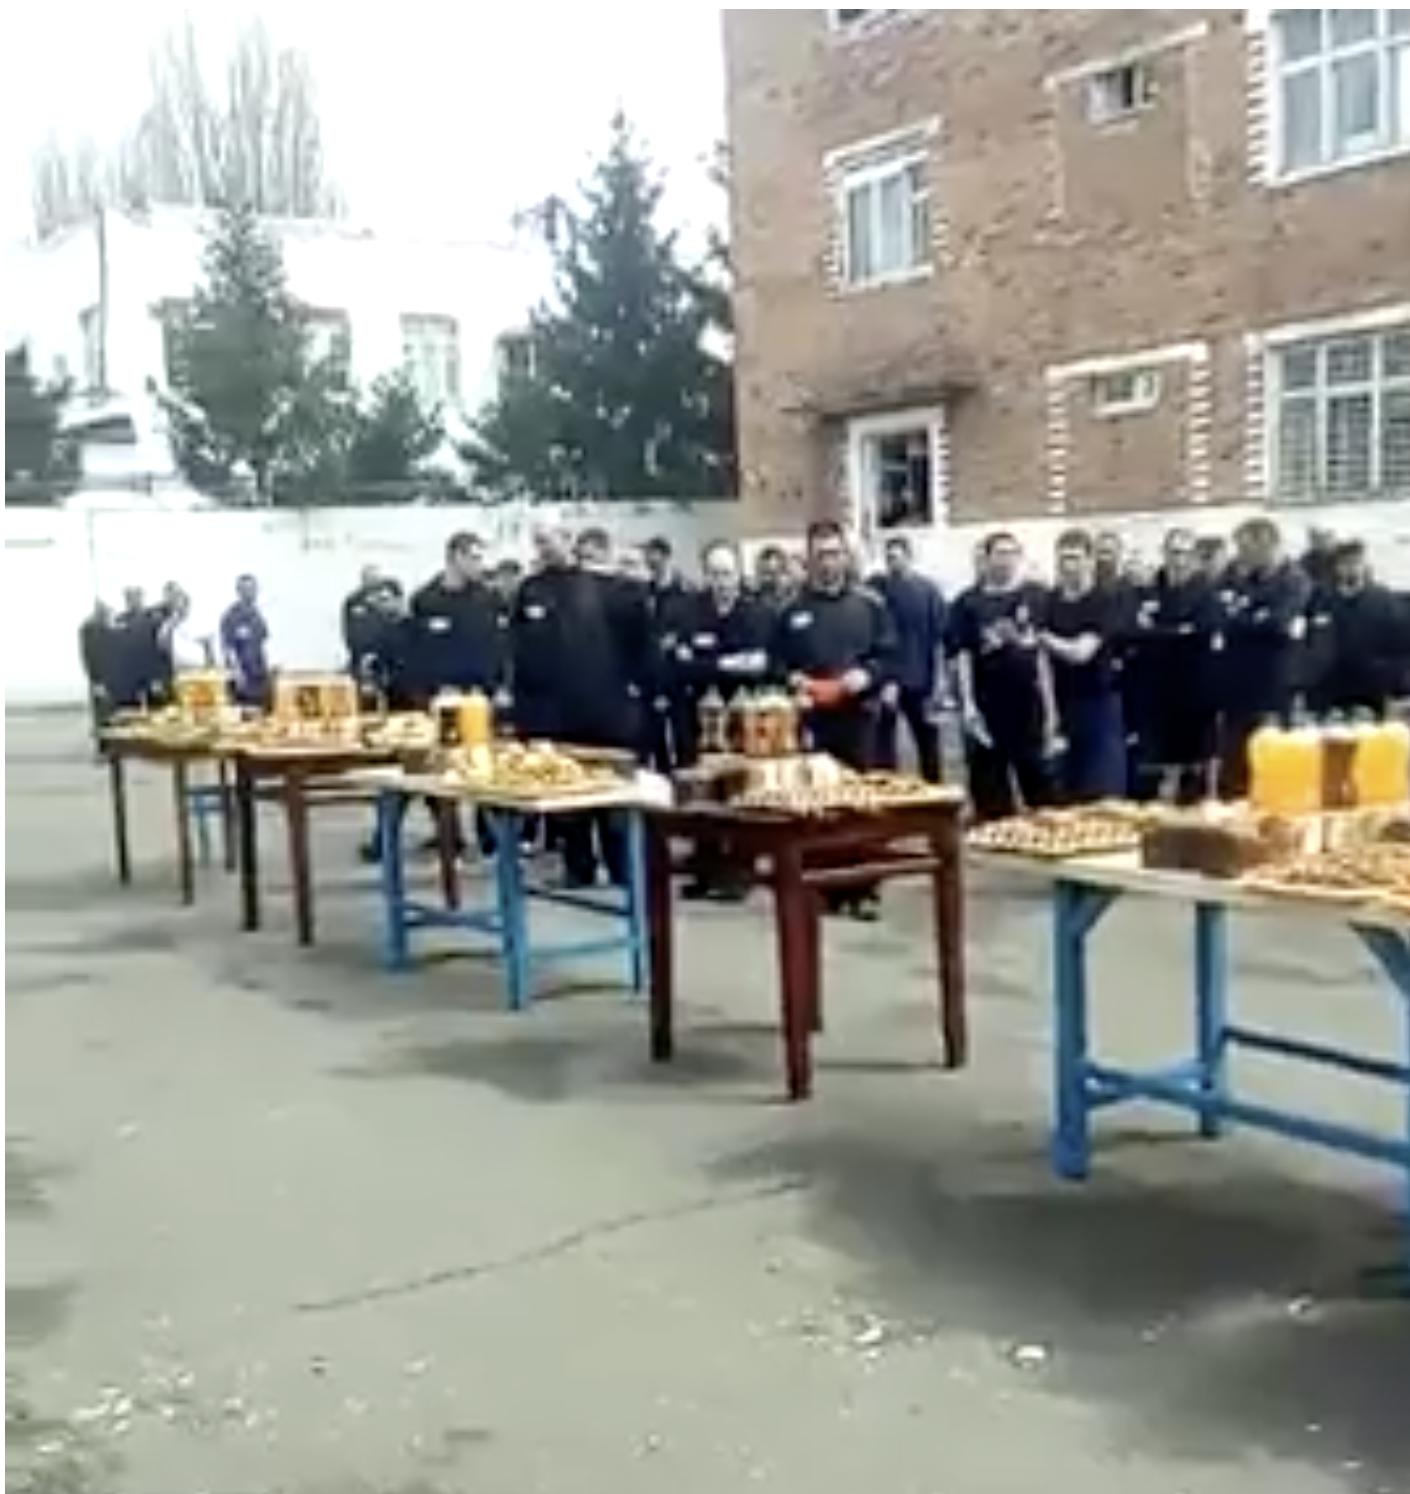 Крабы и шашлыки в тюрьме у Цеповяза оказались сущей мелочью, в сравнении с